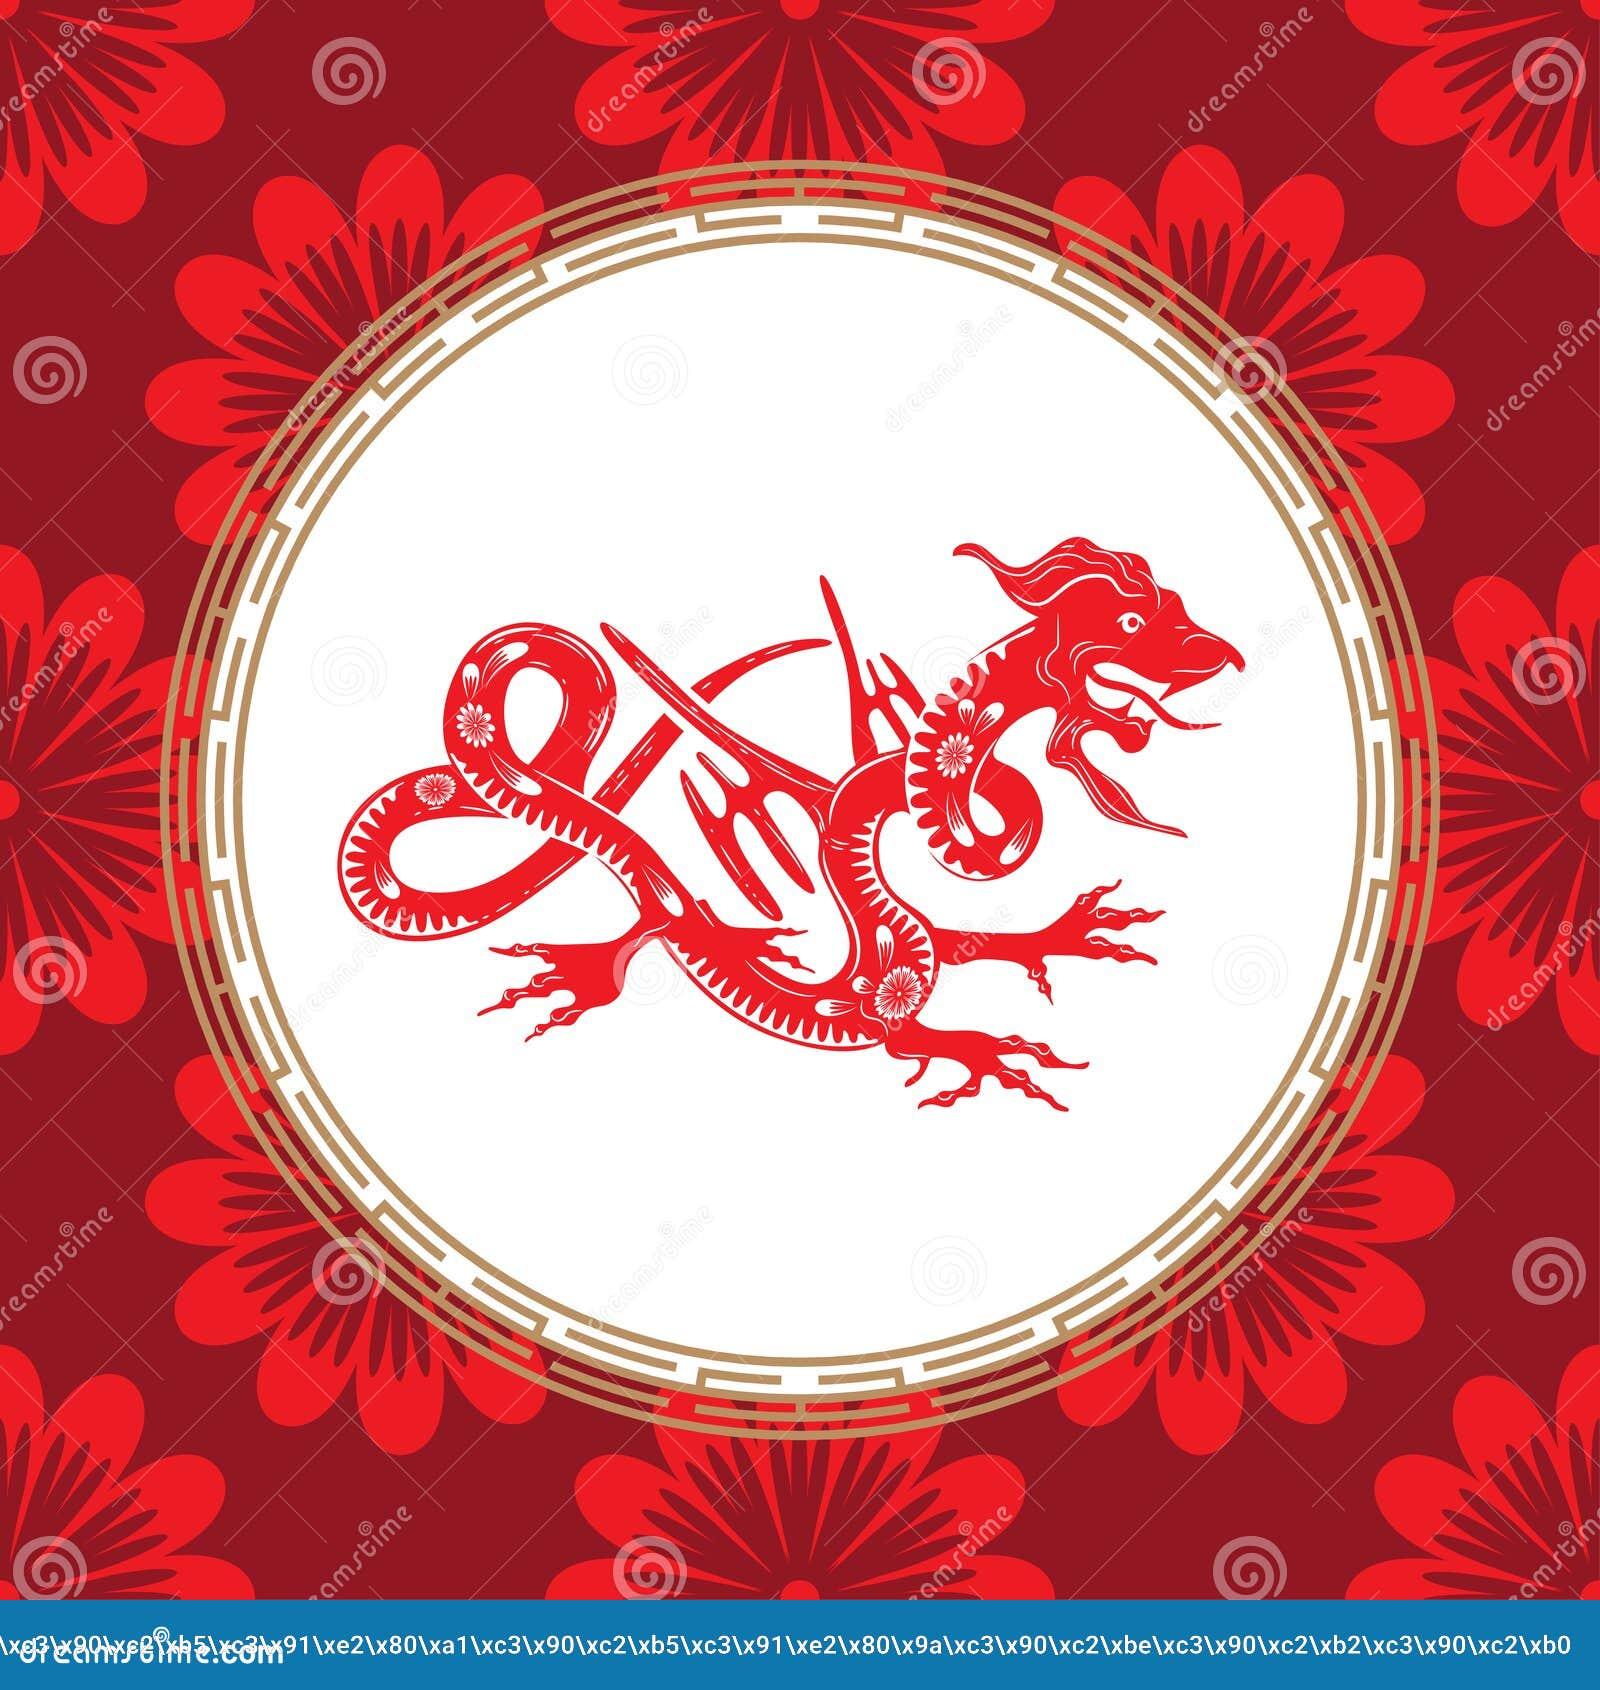 Chiński zodiaka znak rok smok Czerwony smok z białym ornamentem Symbol wschodni horoskop